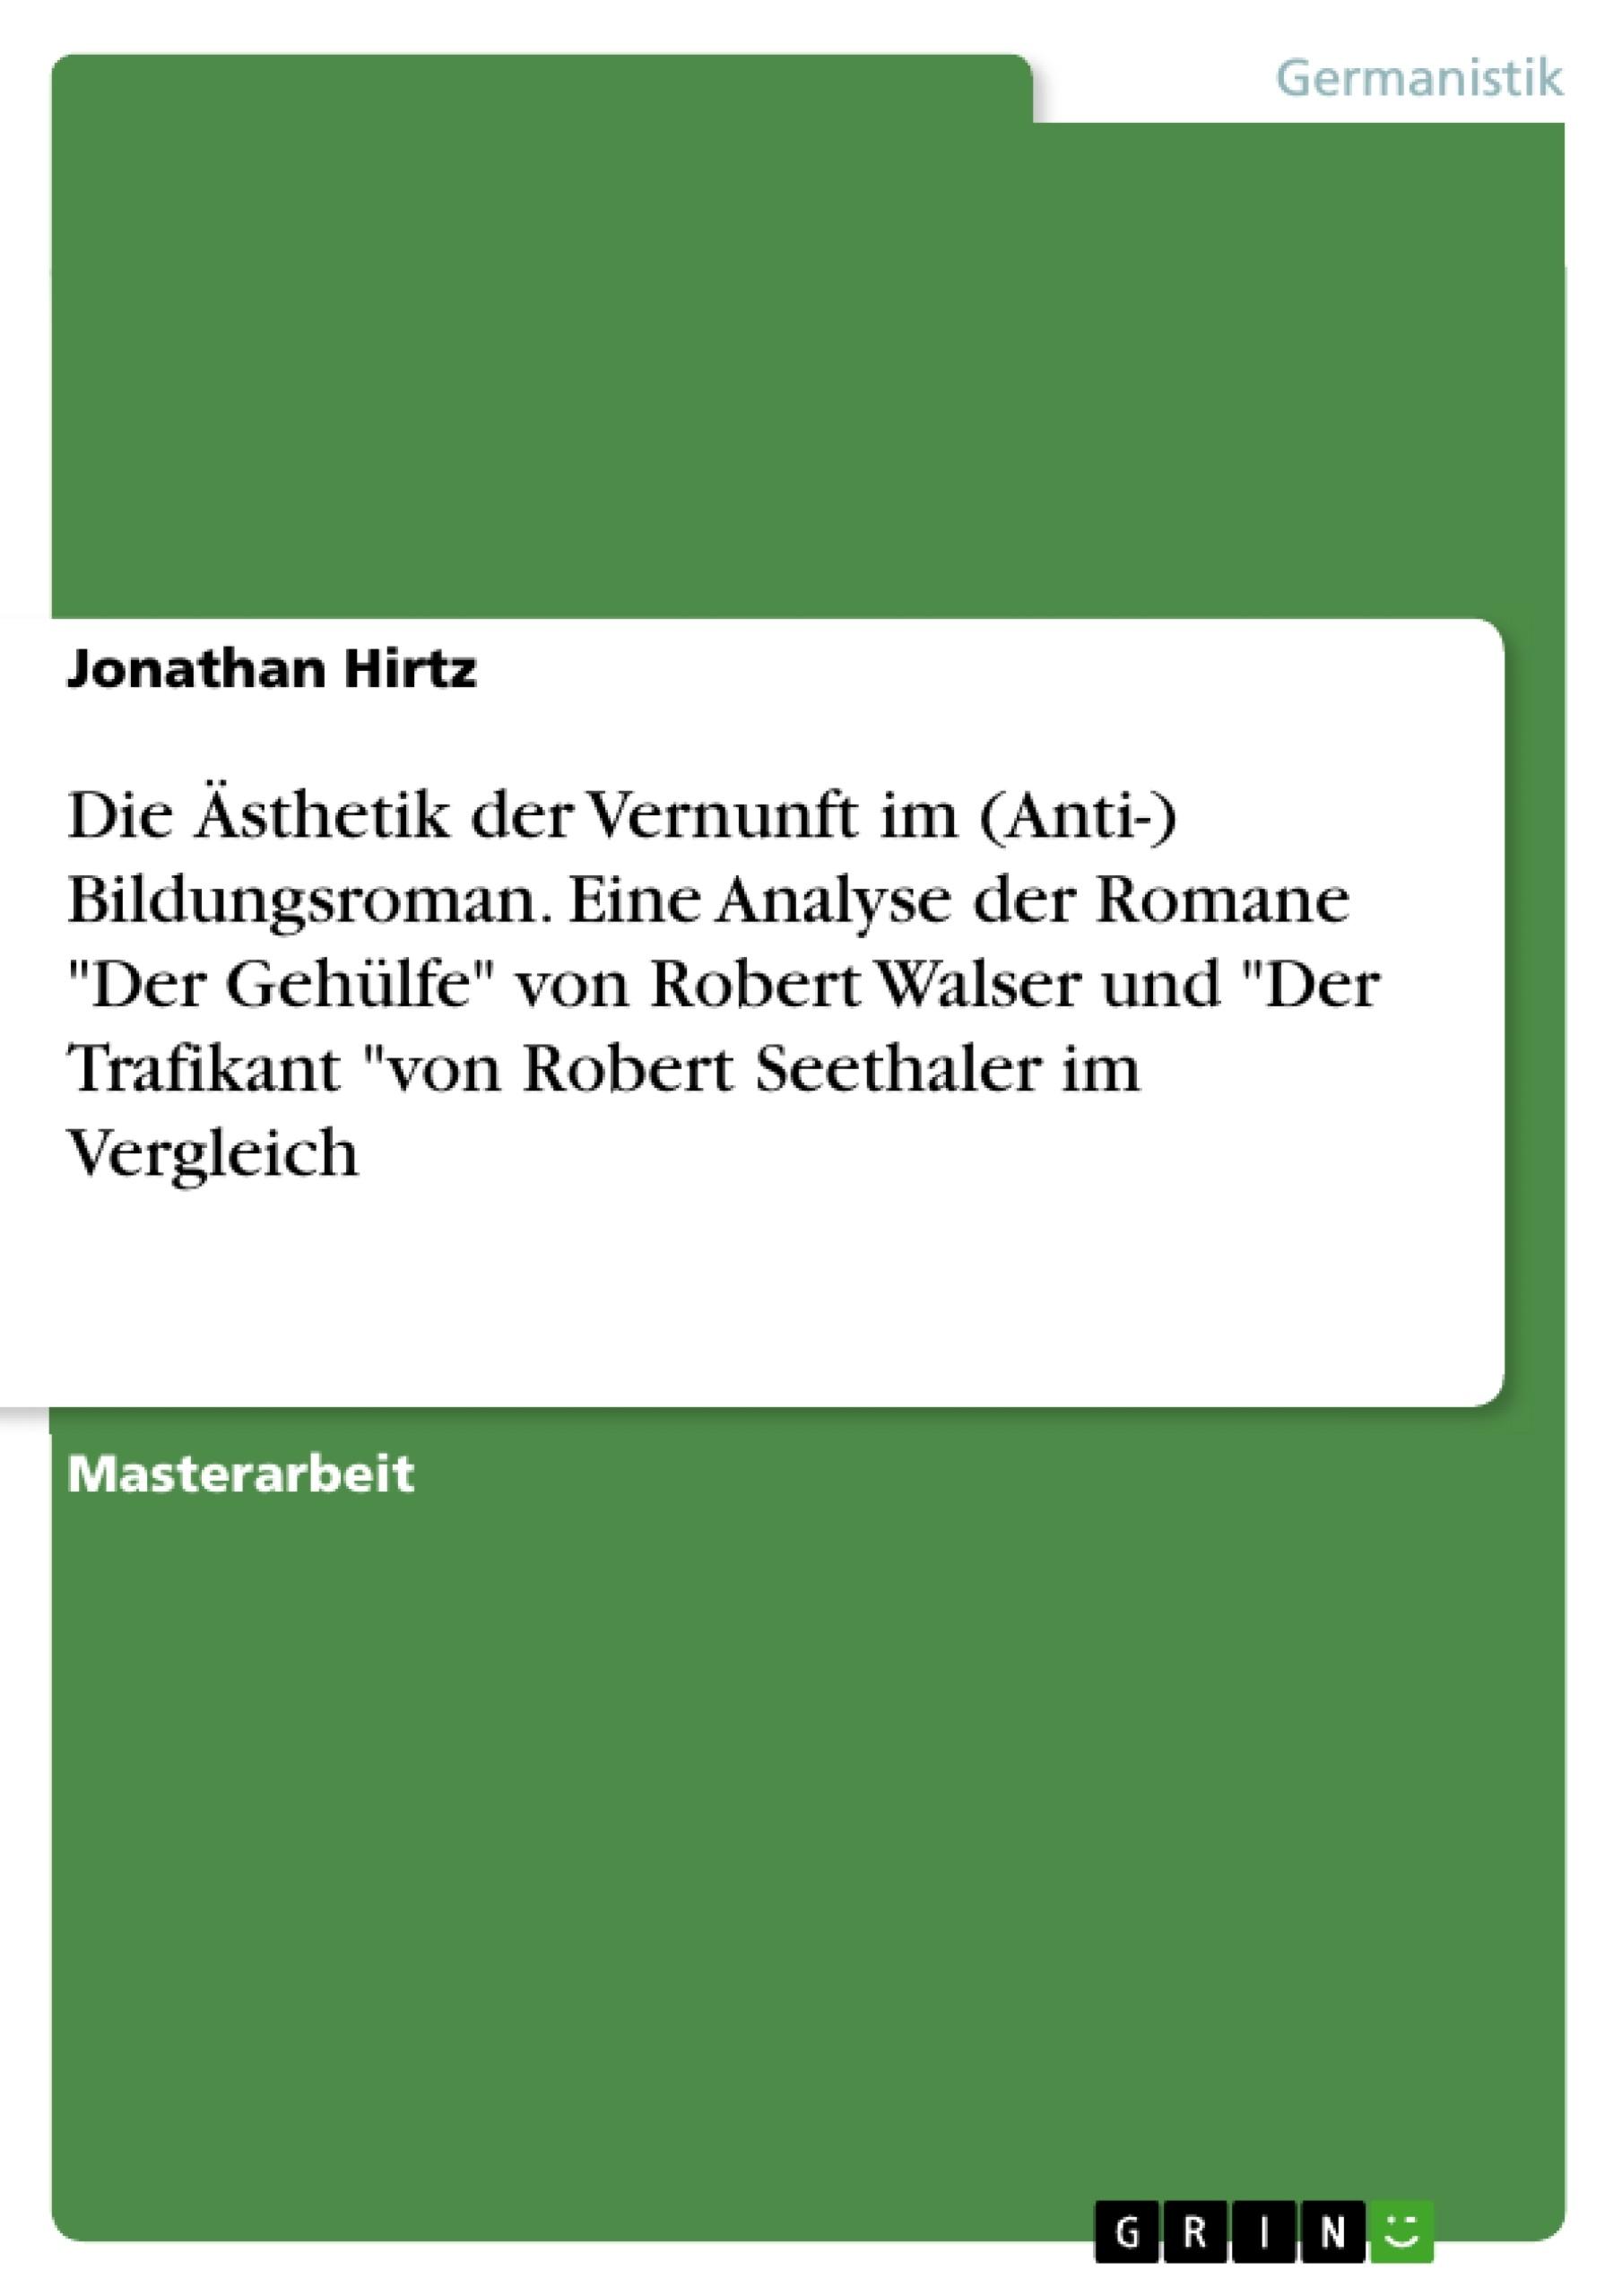 """Titel: Die Ästhetik der Vernunft im (Anti-) Bildungsroman. Eine Analyse der Romane """"Der Gehülfe"""" von Robert Walser und """"Der Trafikant """"von Robert Seethaler im Vergleich"""